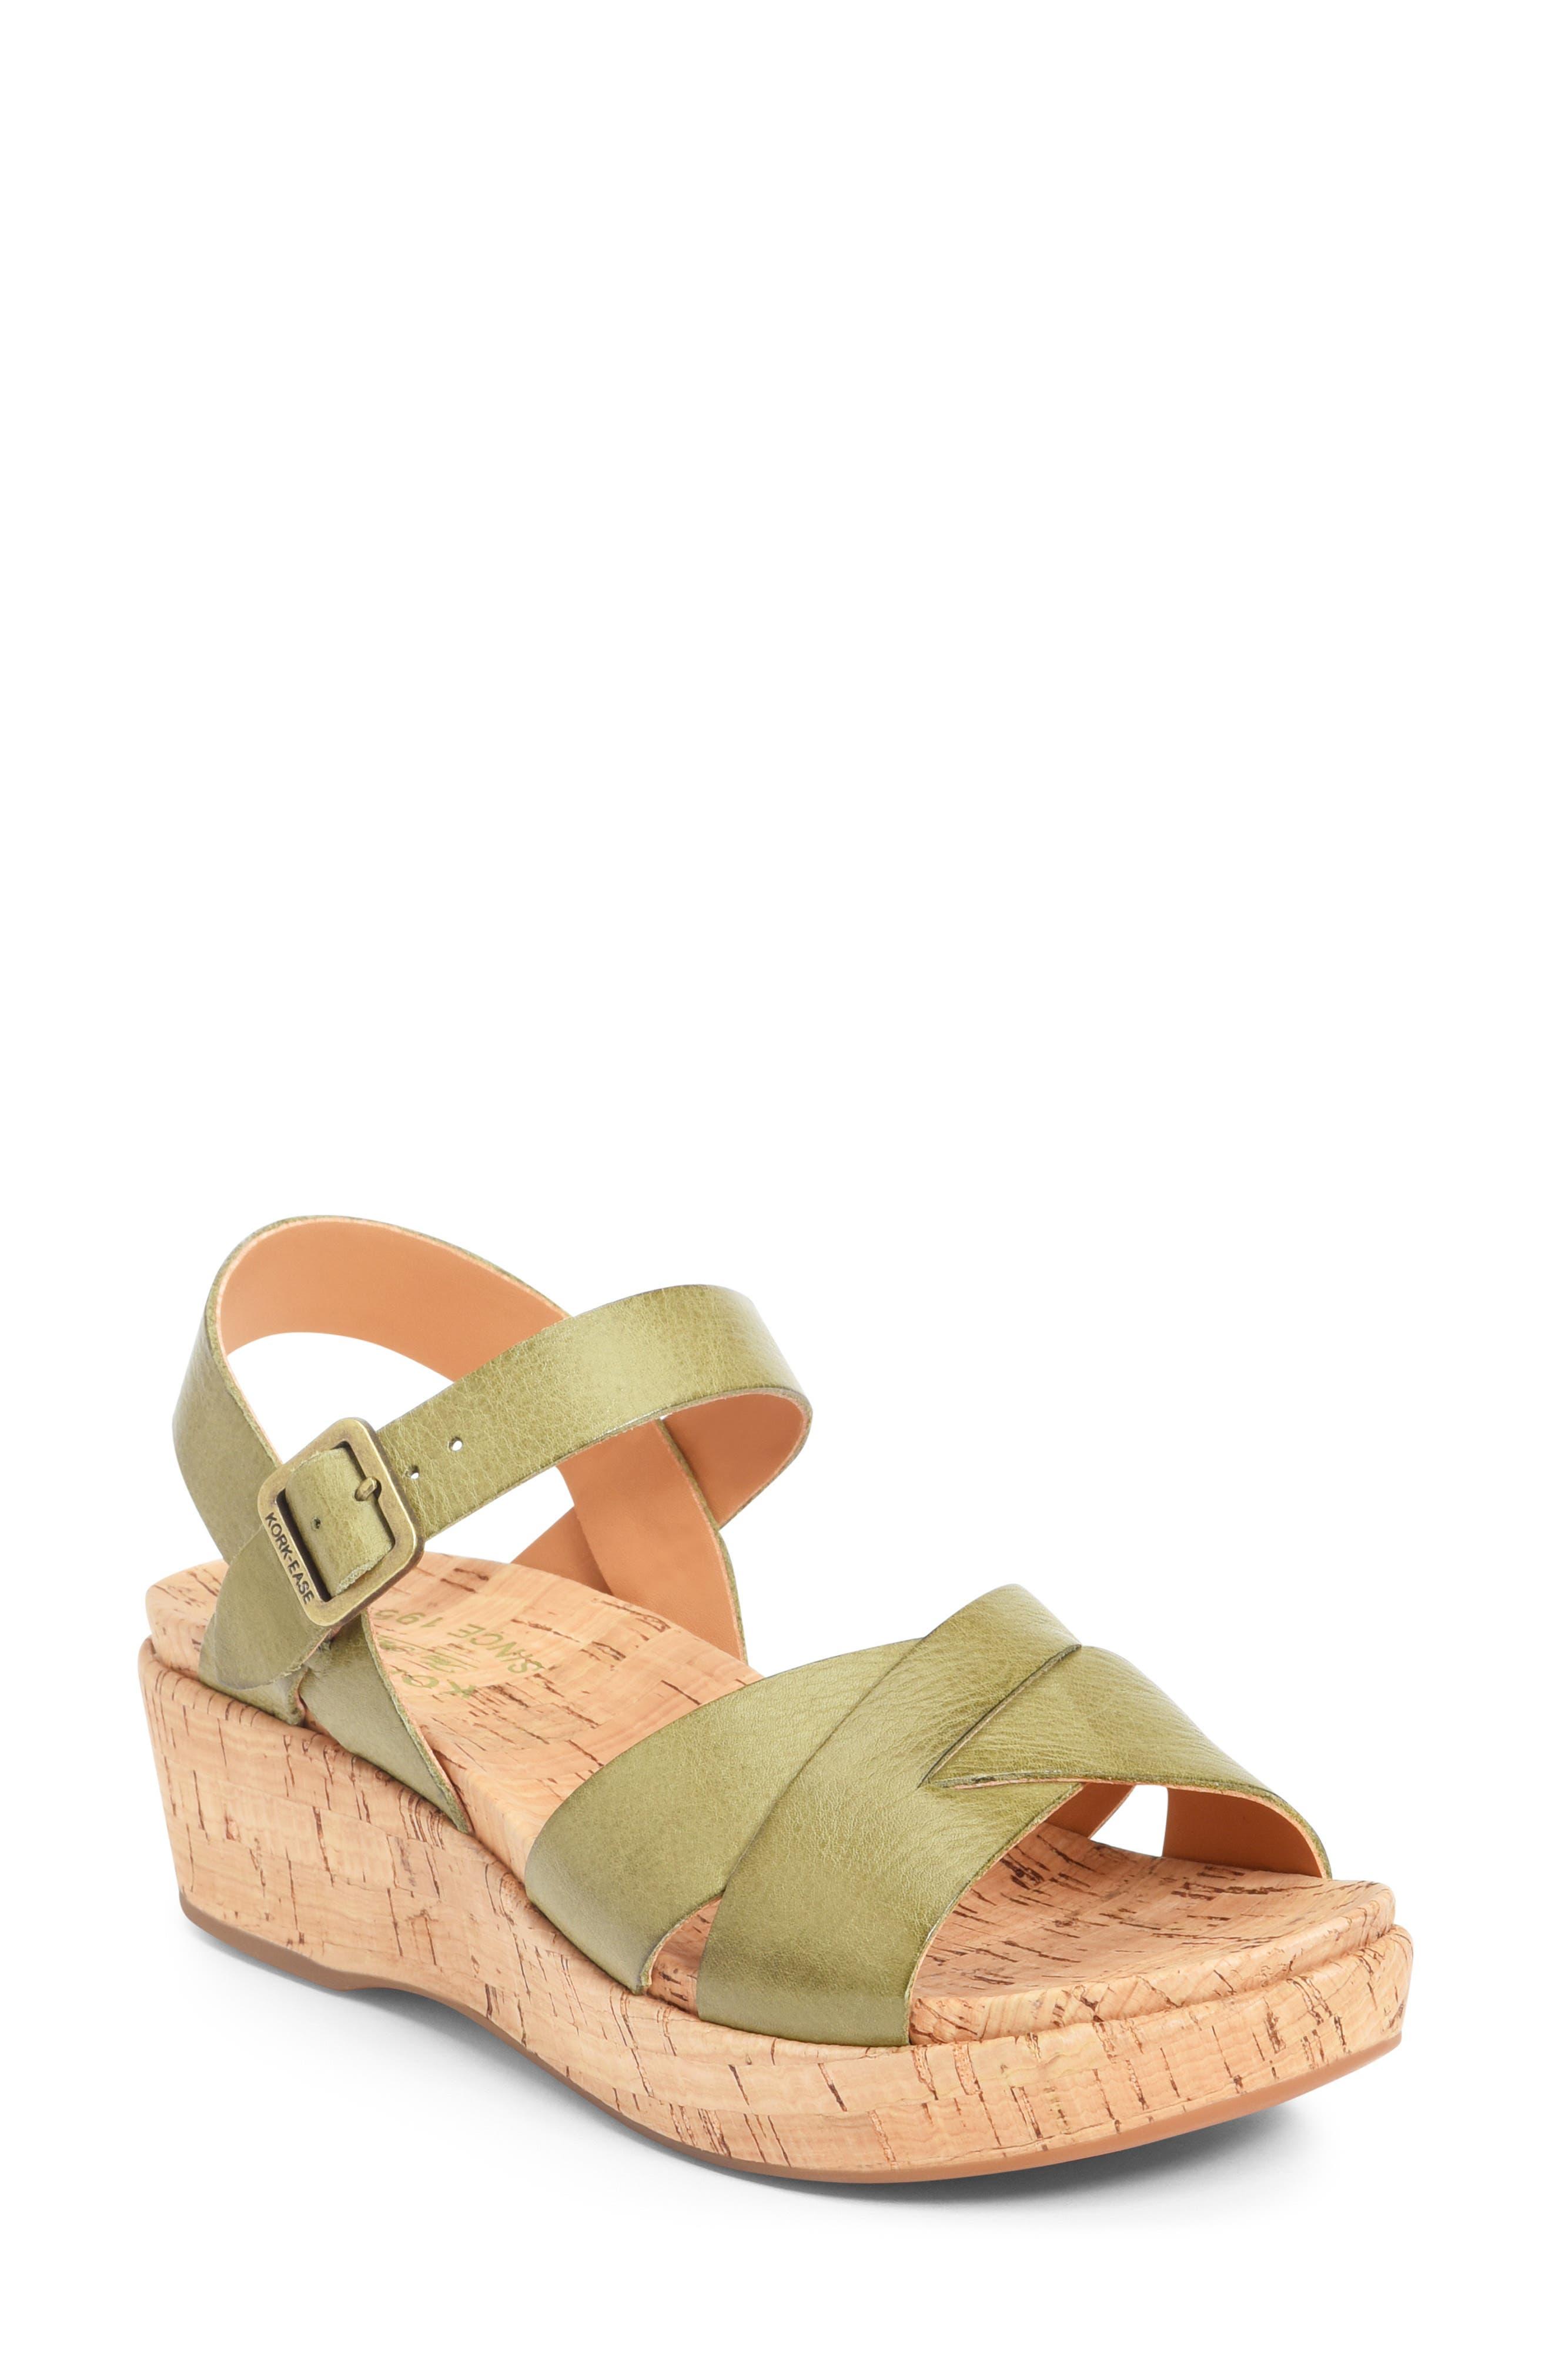 Women's Kork-Ease Myrna 2.0 Wedge Sandal